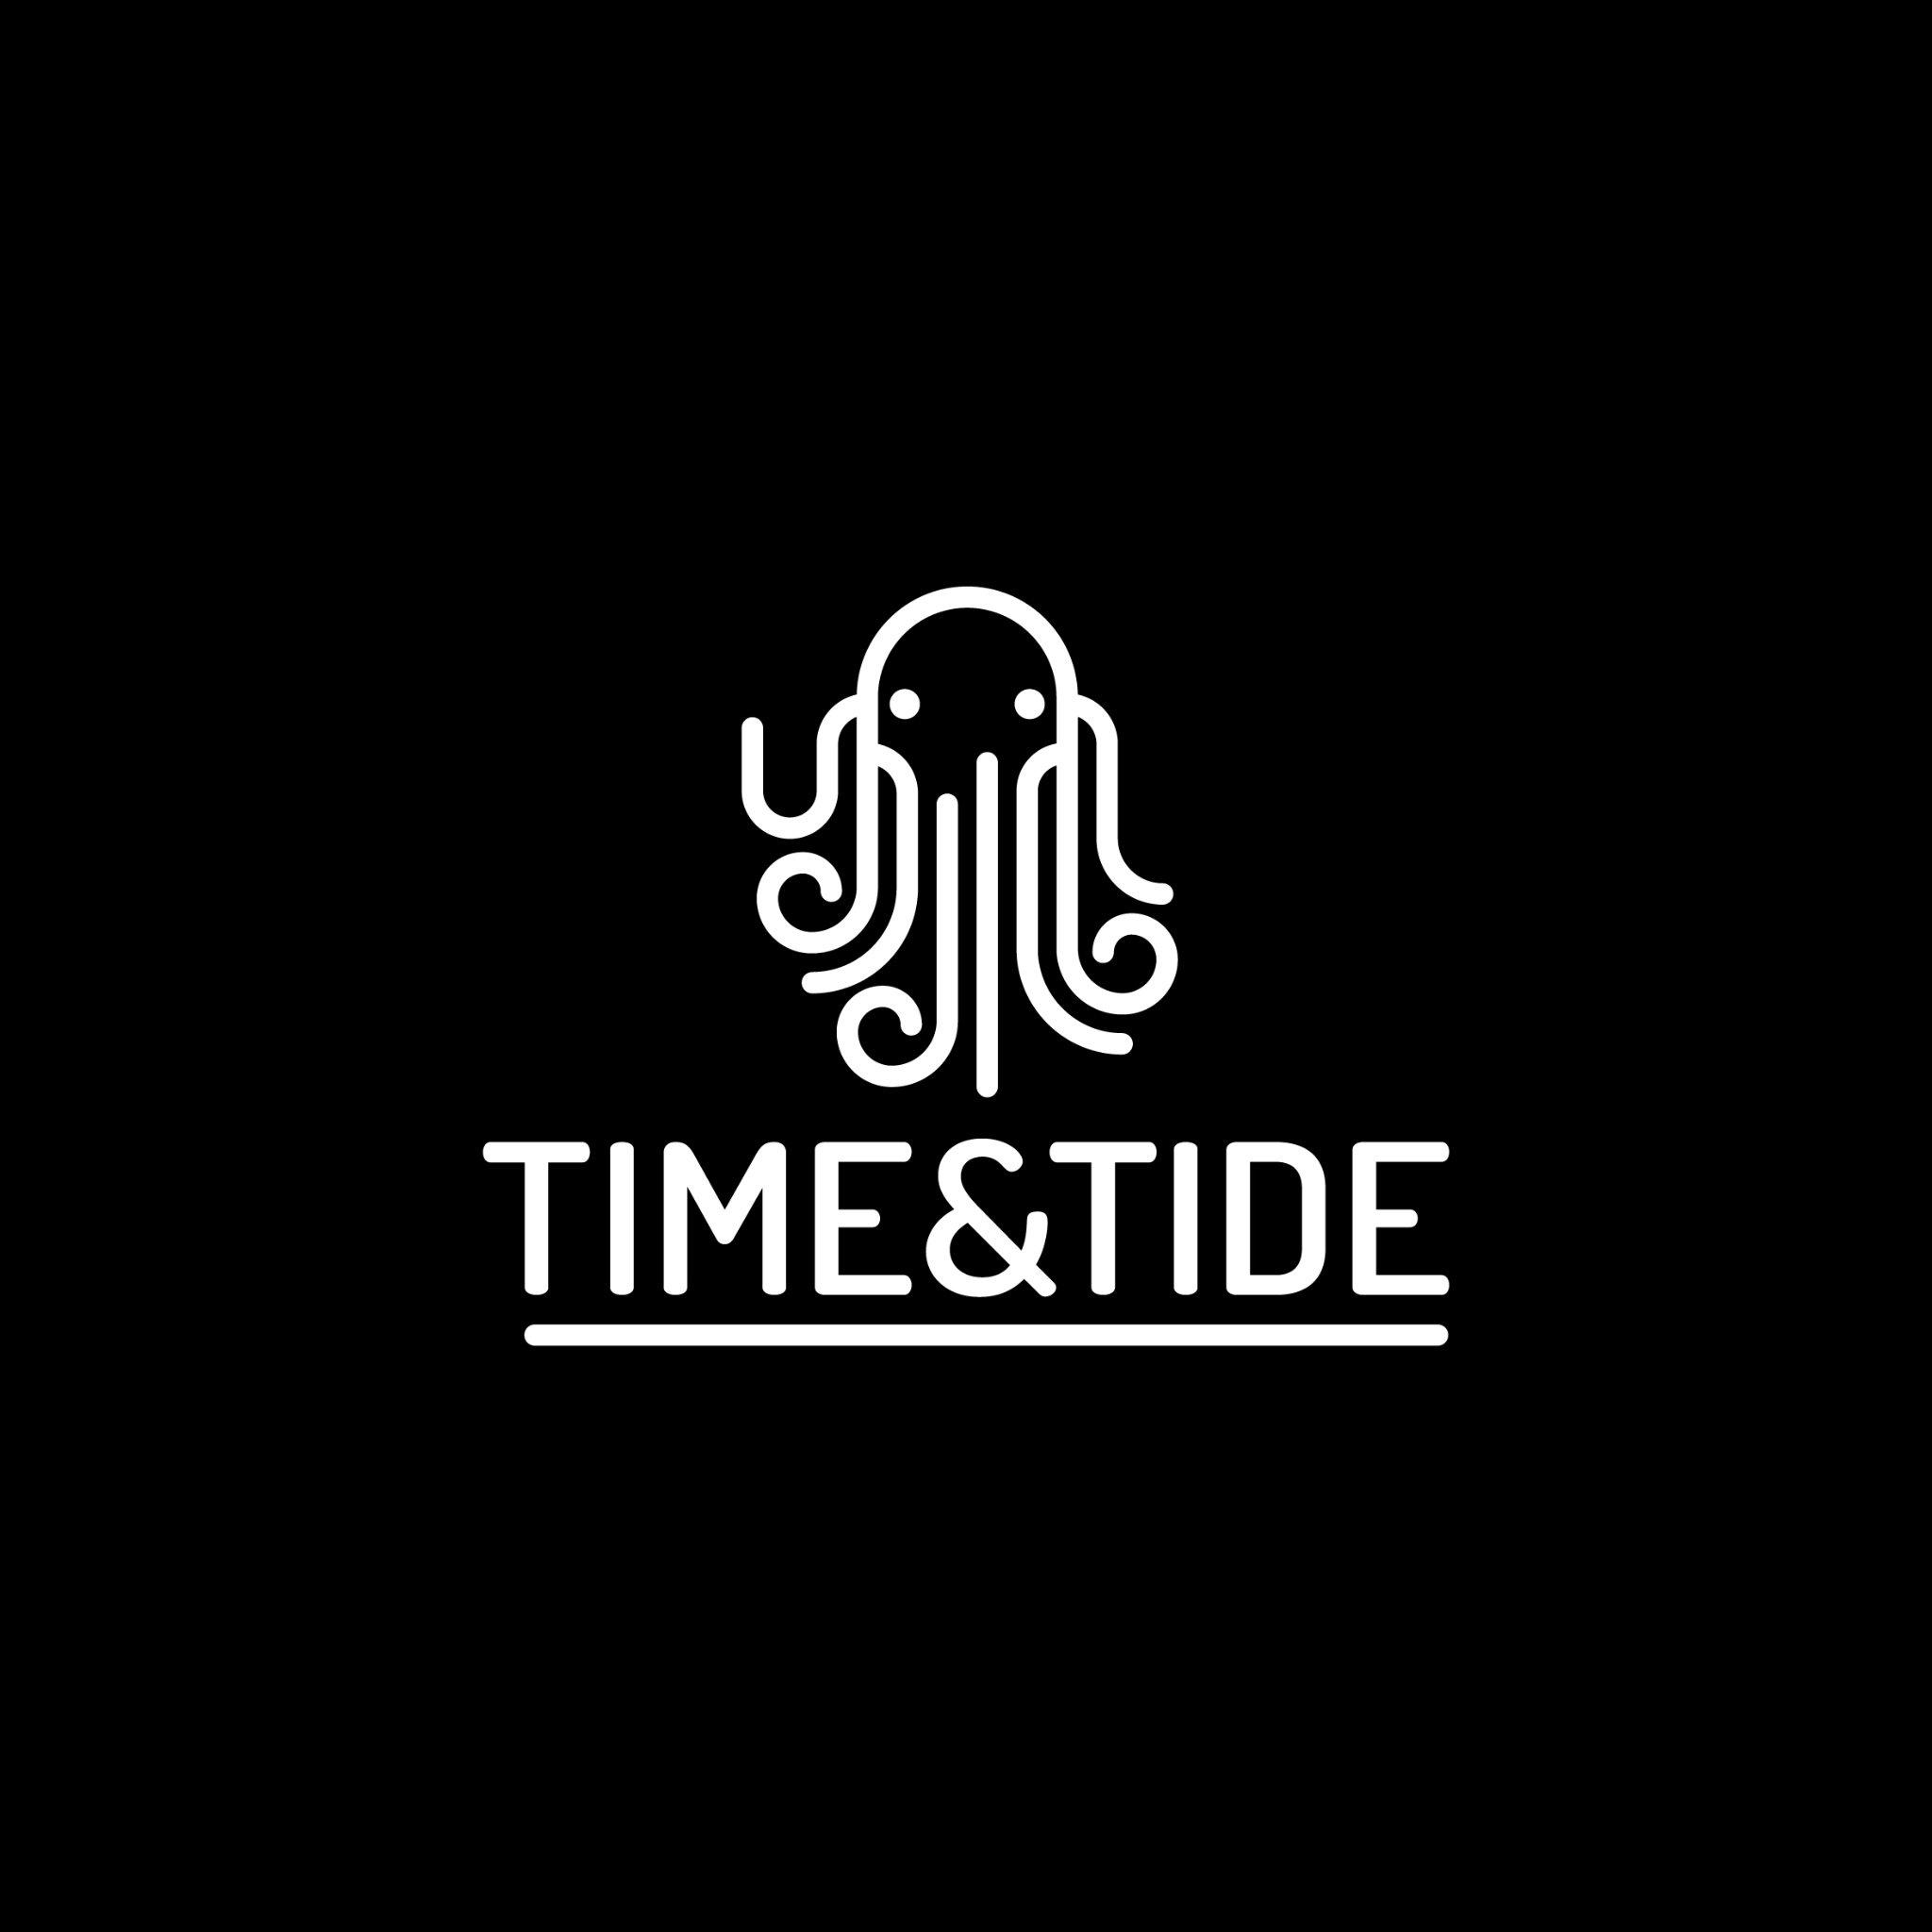 time&tide logo.jpg